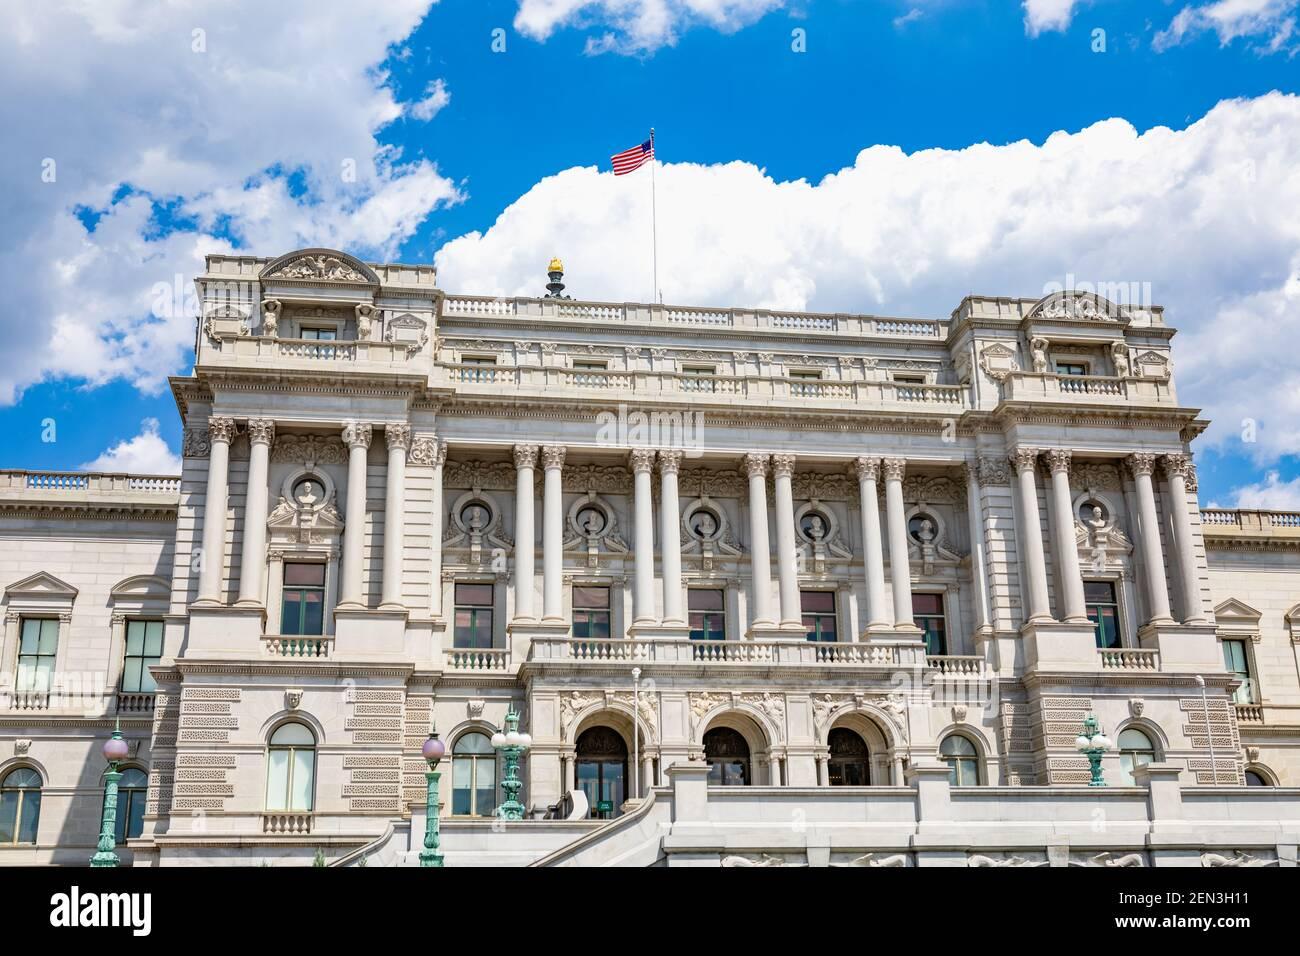 Außenansicht der Library of Congress Thomas Jefferson Building auf dem Capitol Hill in Washington, DC Stockfoto